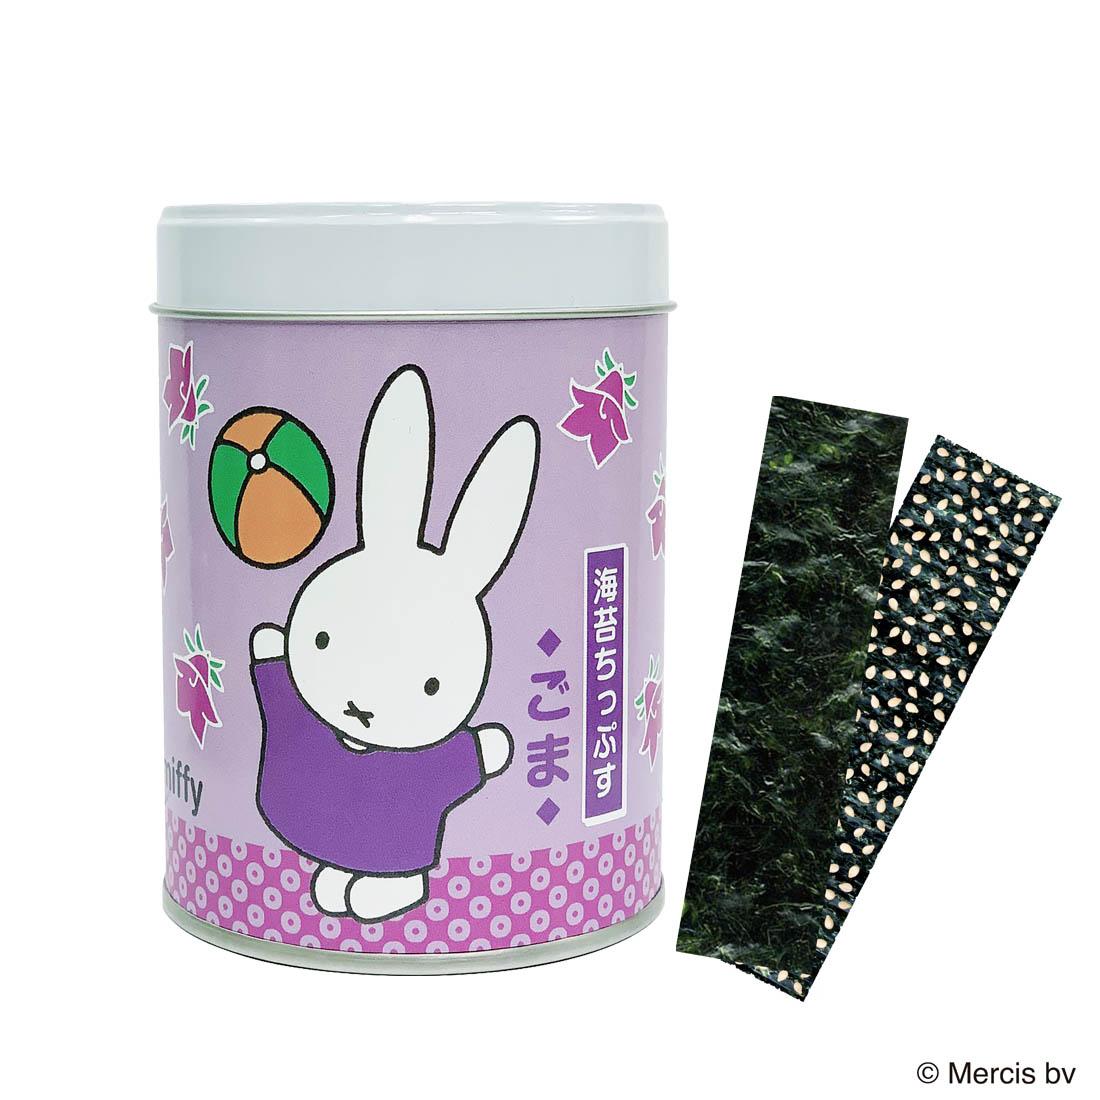 ミッフィー山本海苔店 海苔ちっぷす2缶セット(うめ・ごま)